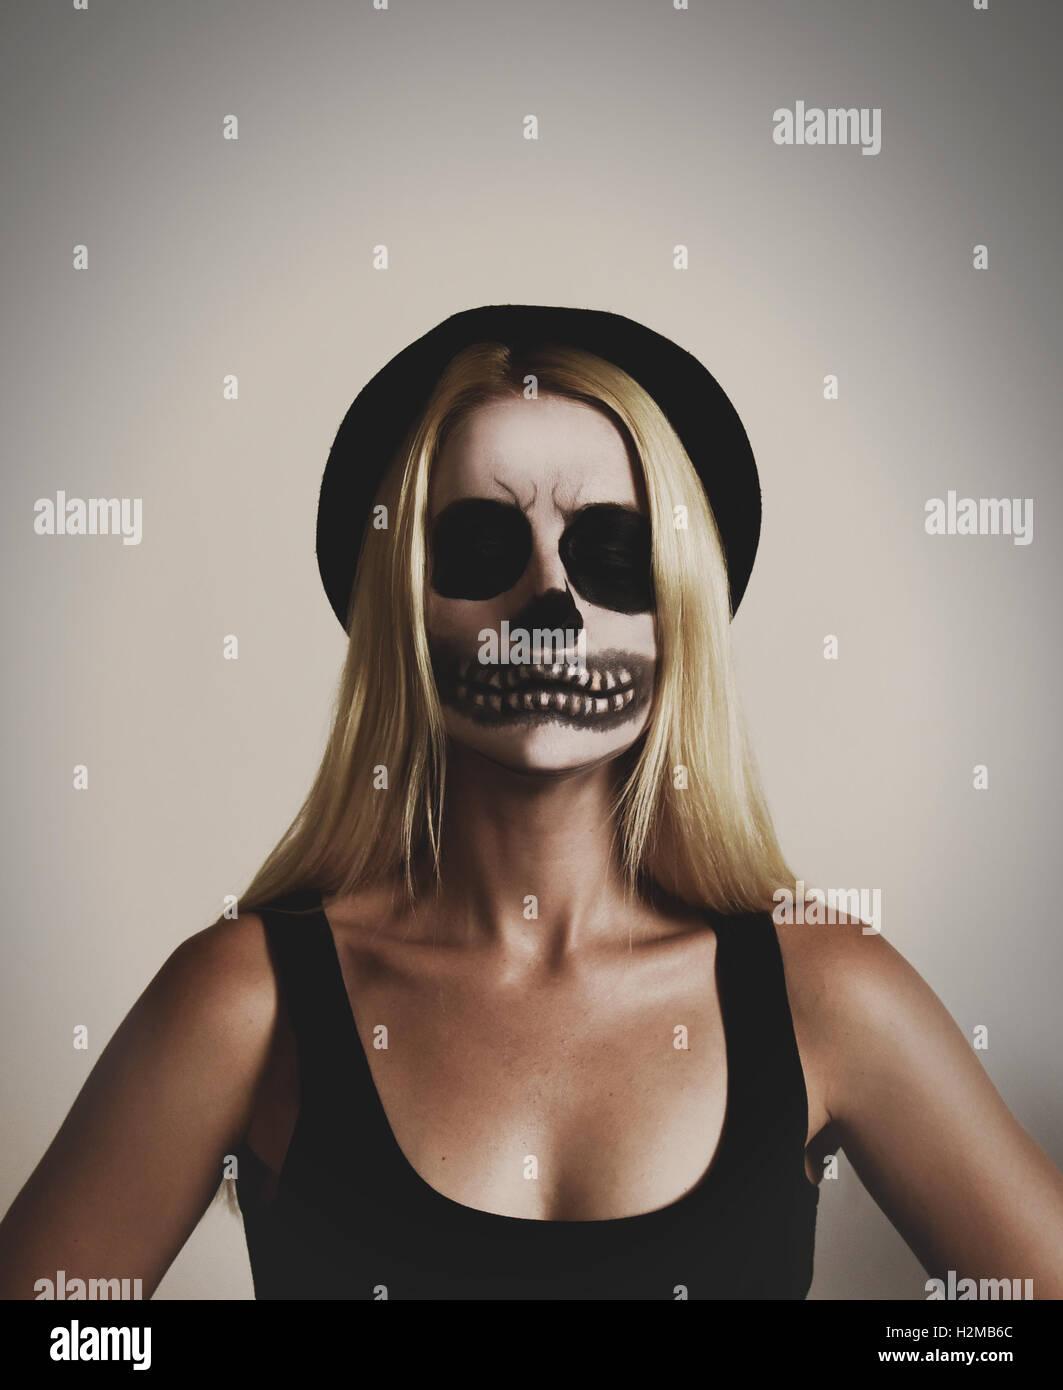 Une jeune femme porte un masque effrayant skelton un miroir avec de la peinture noir et blanc sur un arrière-plan pour un isolé costum halloween Banque D'Images